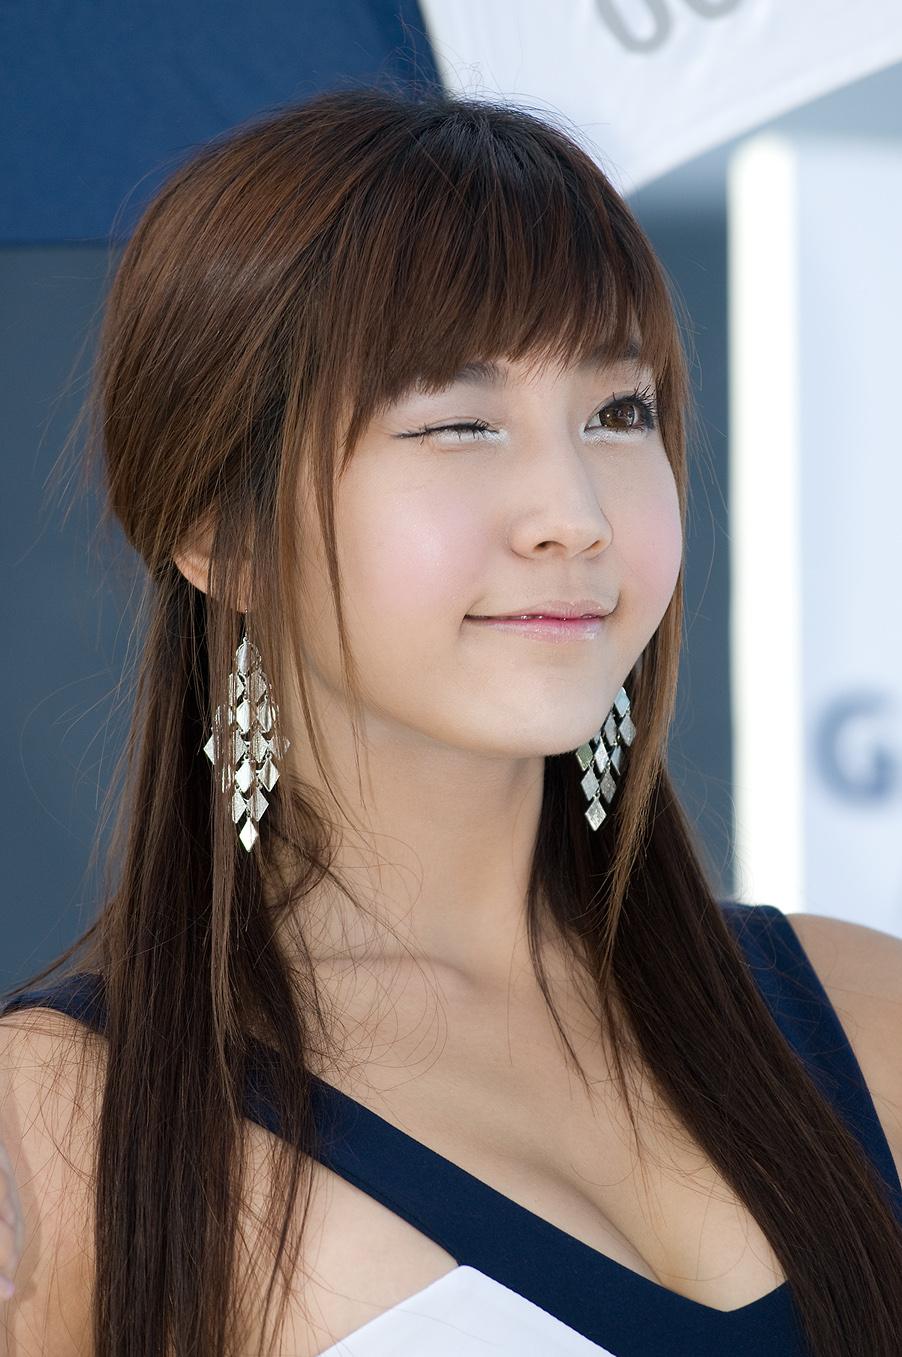 Hot korean model shin ju hee sexy - 3 part 2